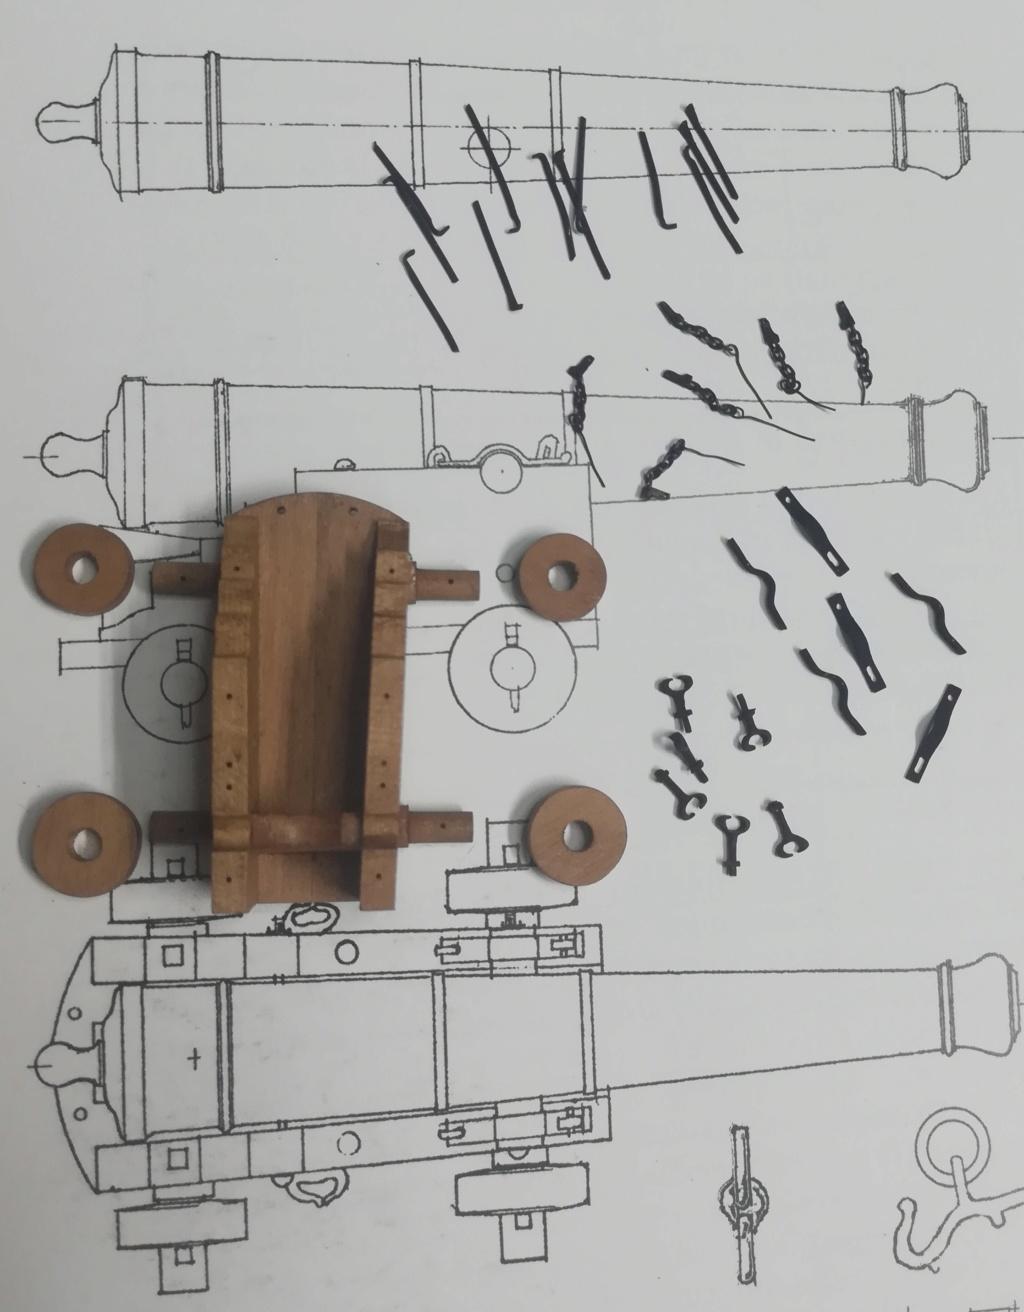 La Belle 1684 scala 1/24  piani ANCRE cantiere di grisuzone  - Pagina 9 Rimg_127